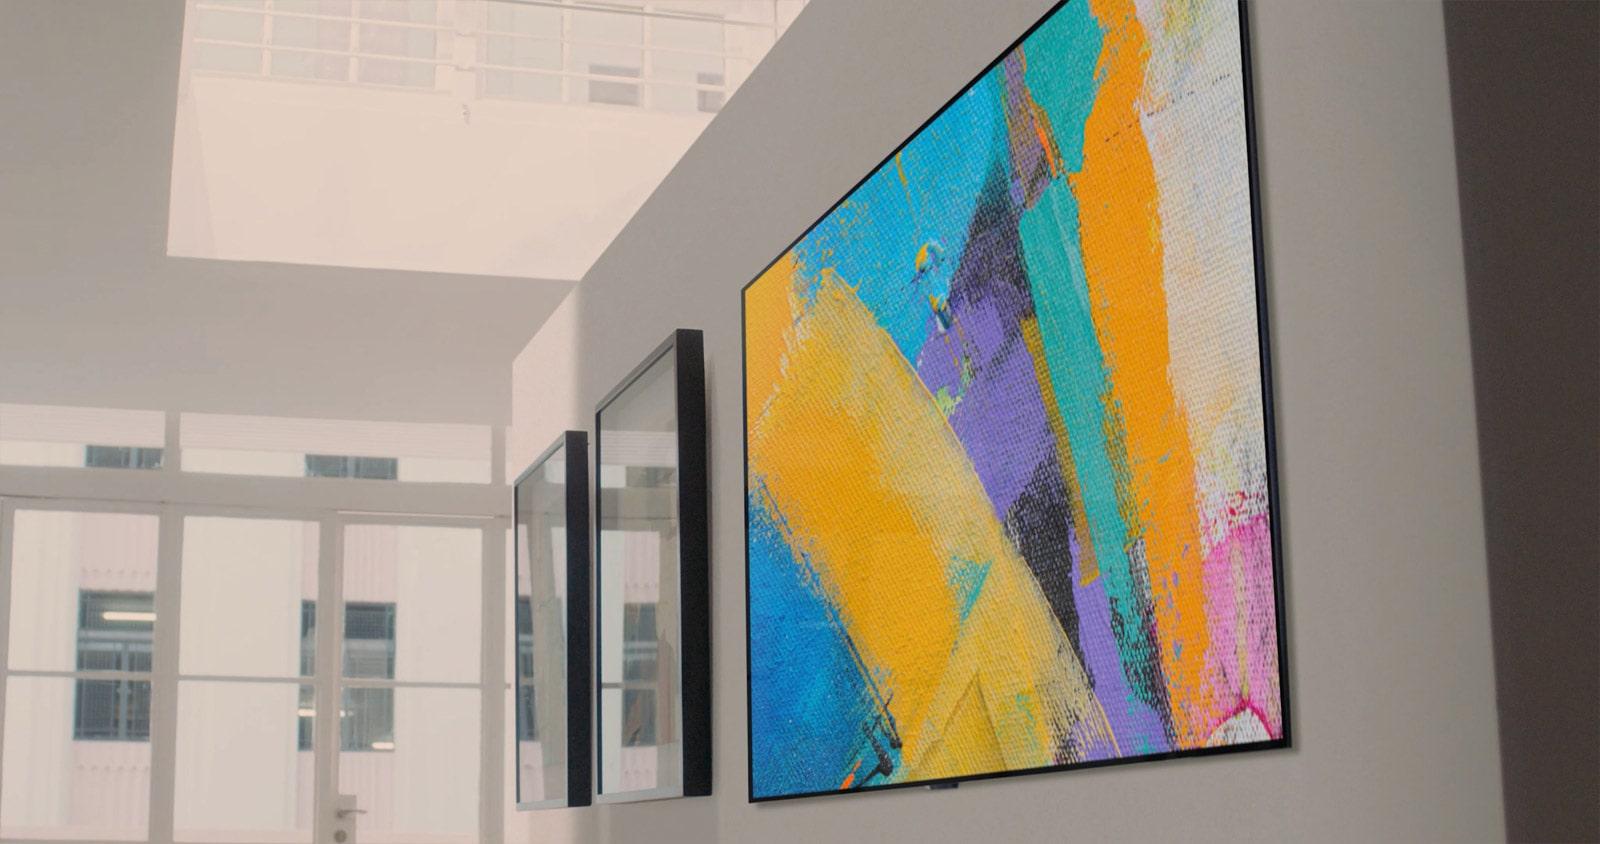 Превью видео установки LG Gallery Design TV